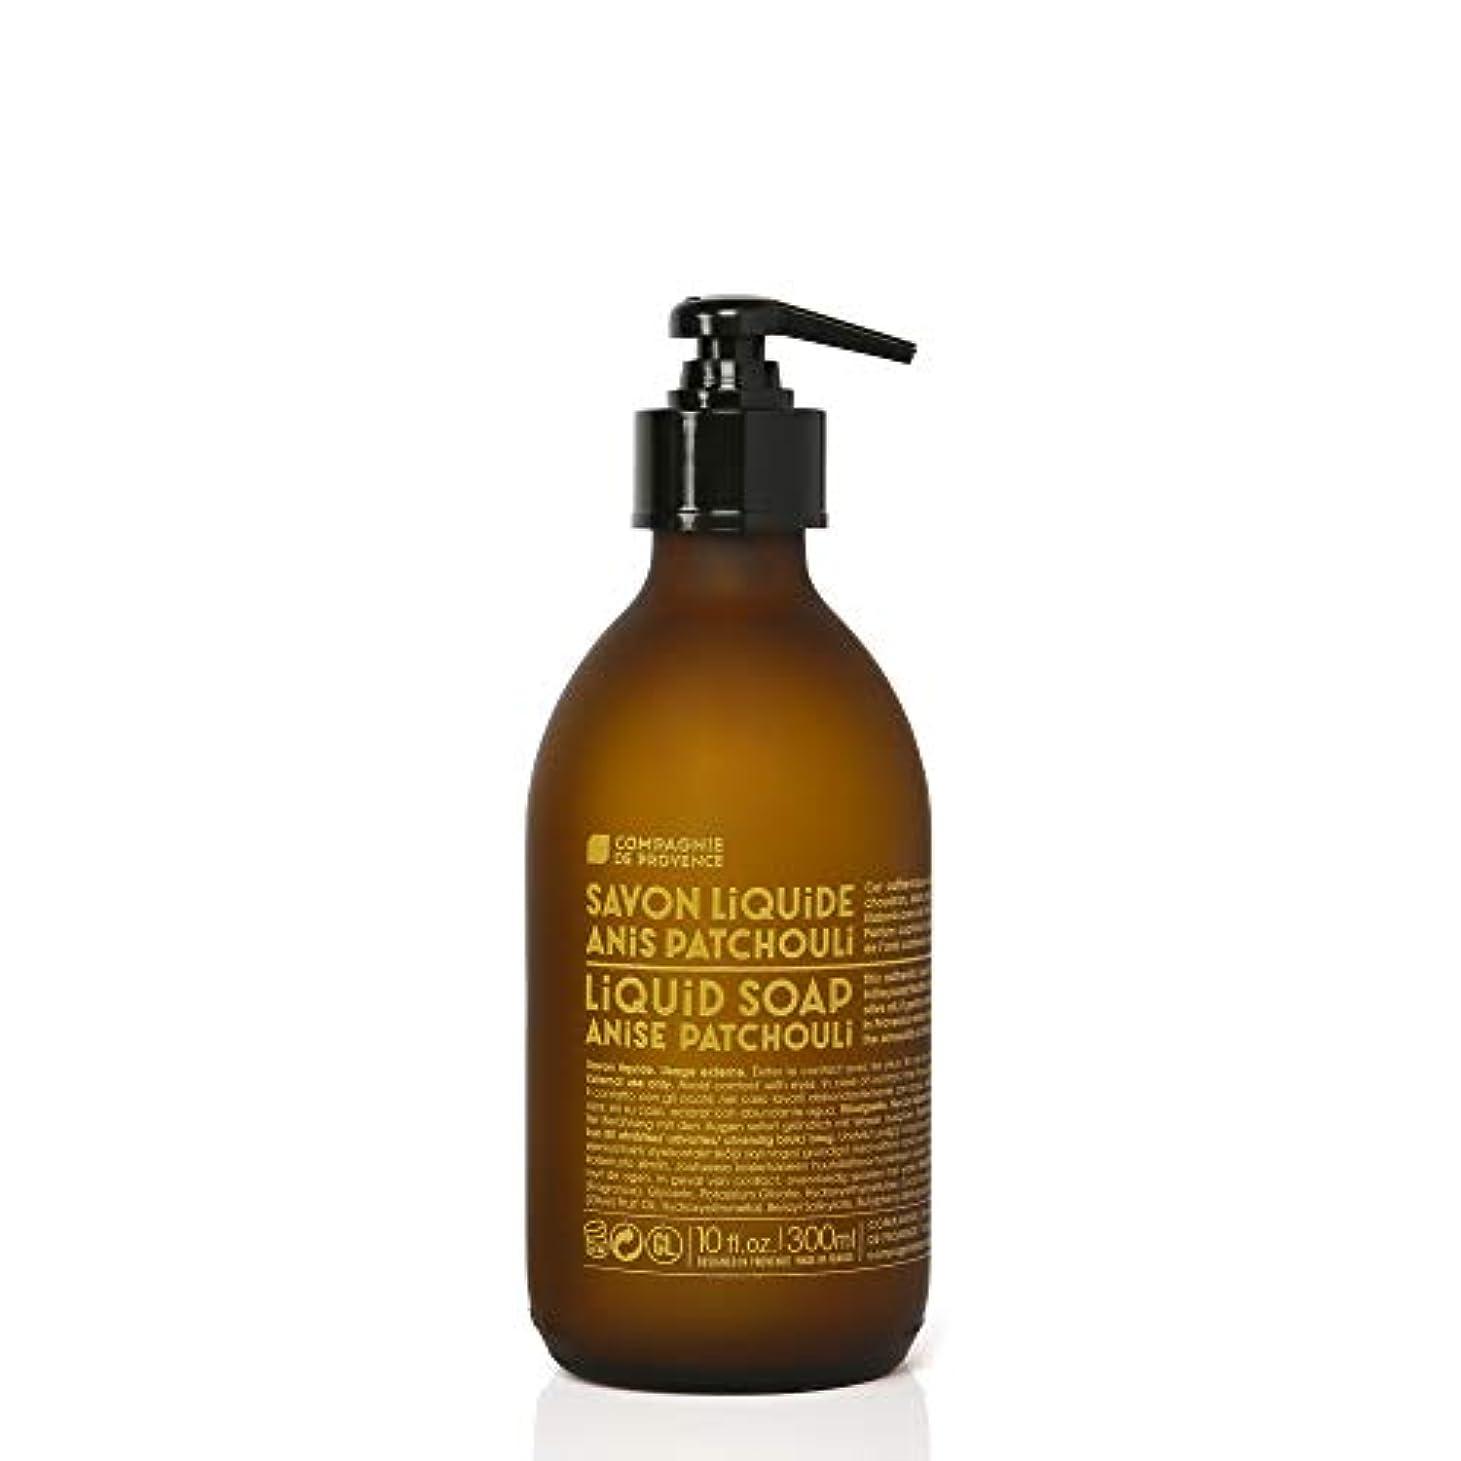 愛半円行列Compagnie de ProvenceマルセイユLiquid Soap Made in France 16.9 FL OZガラスボトル